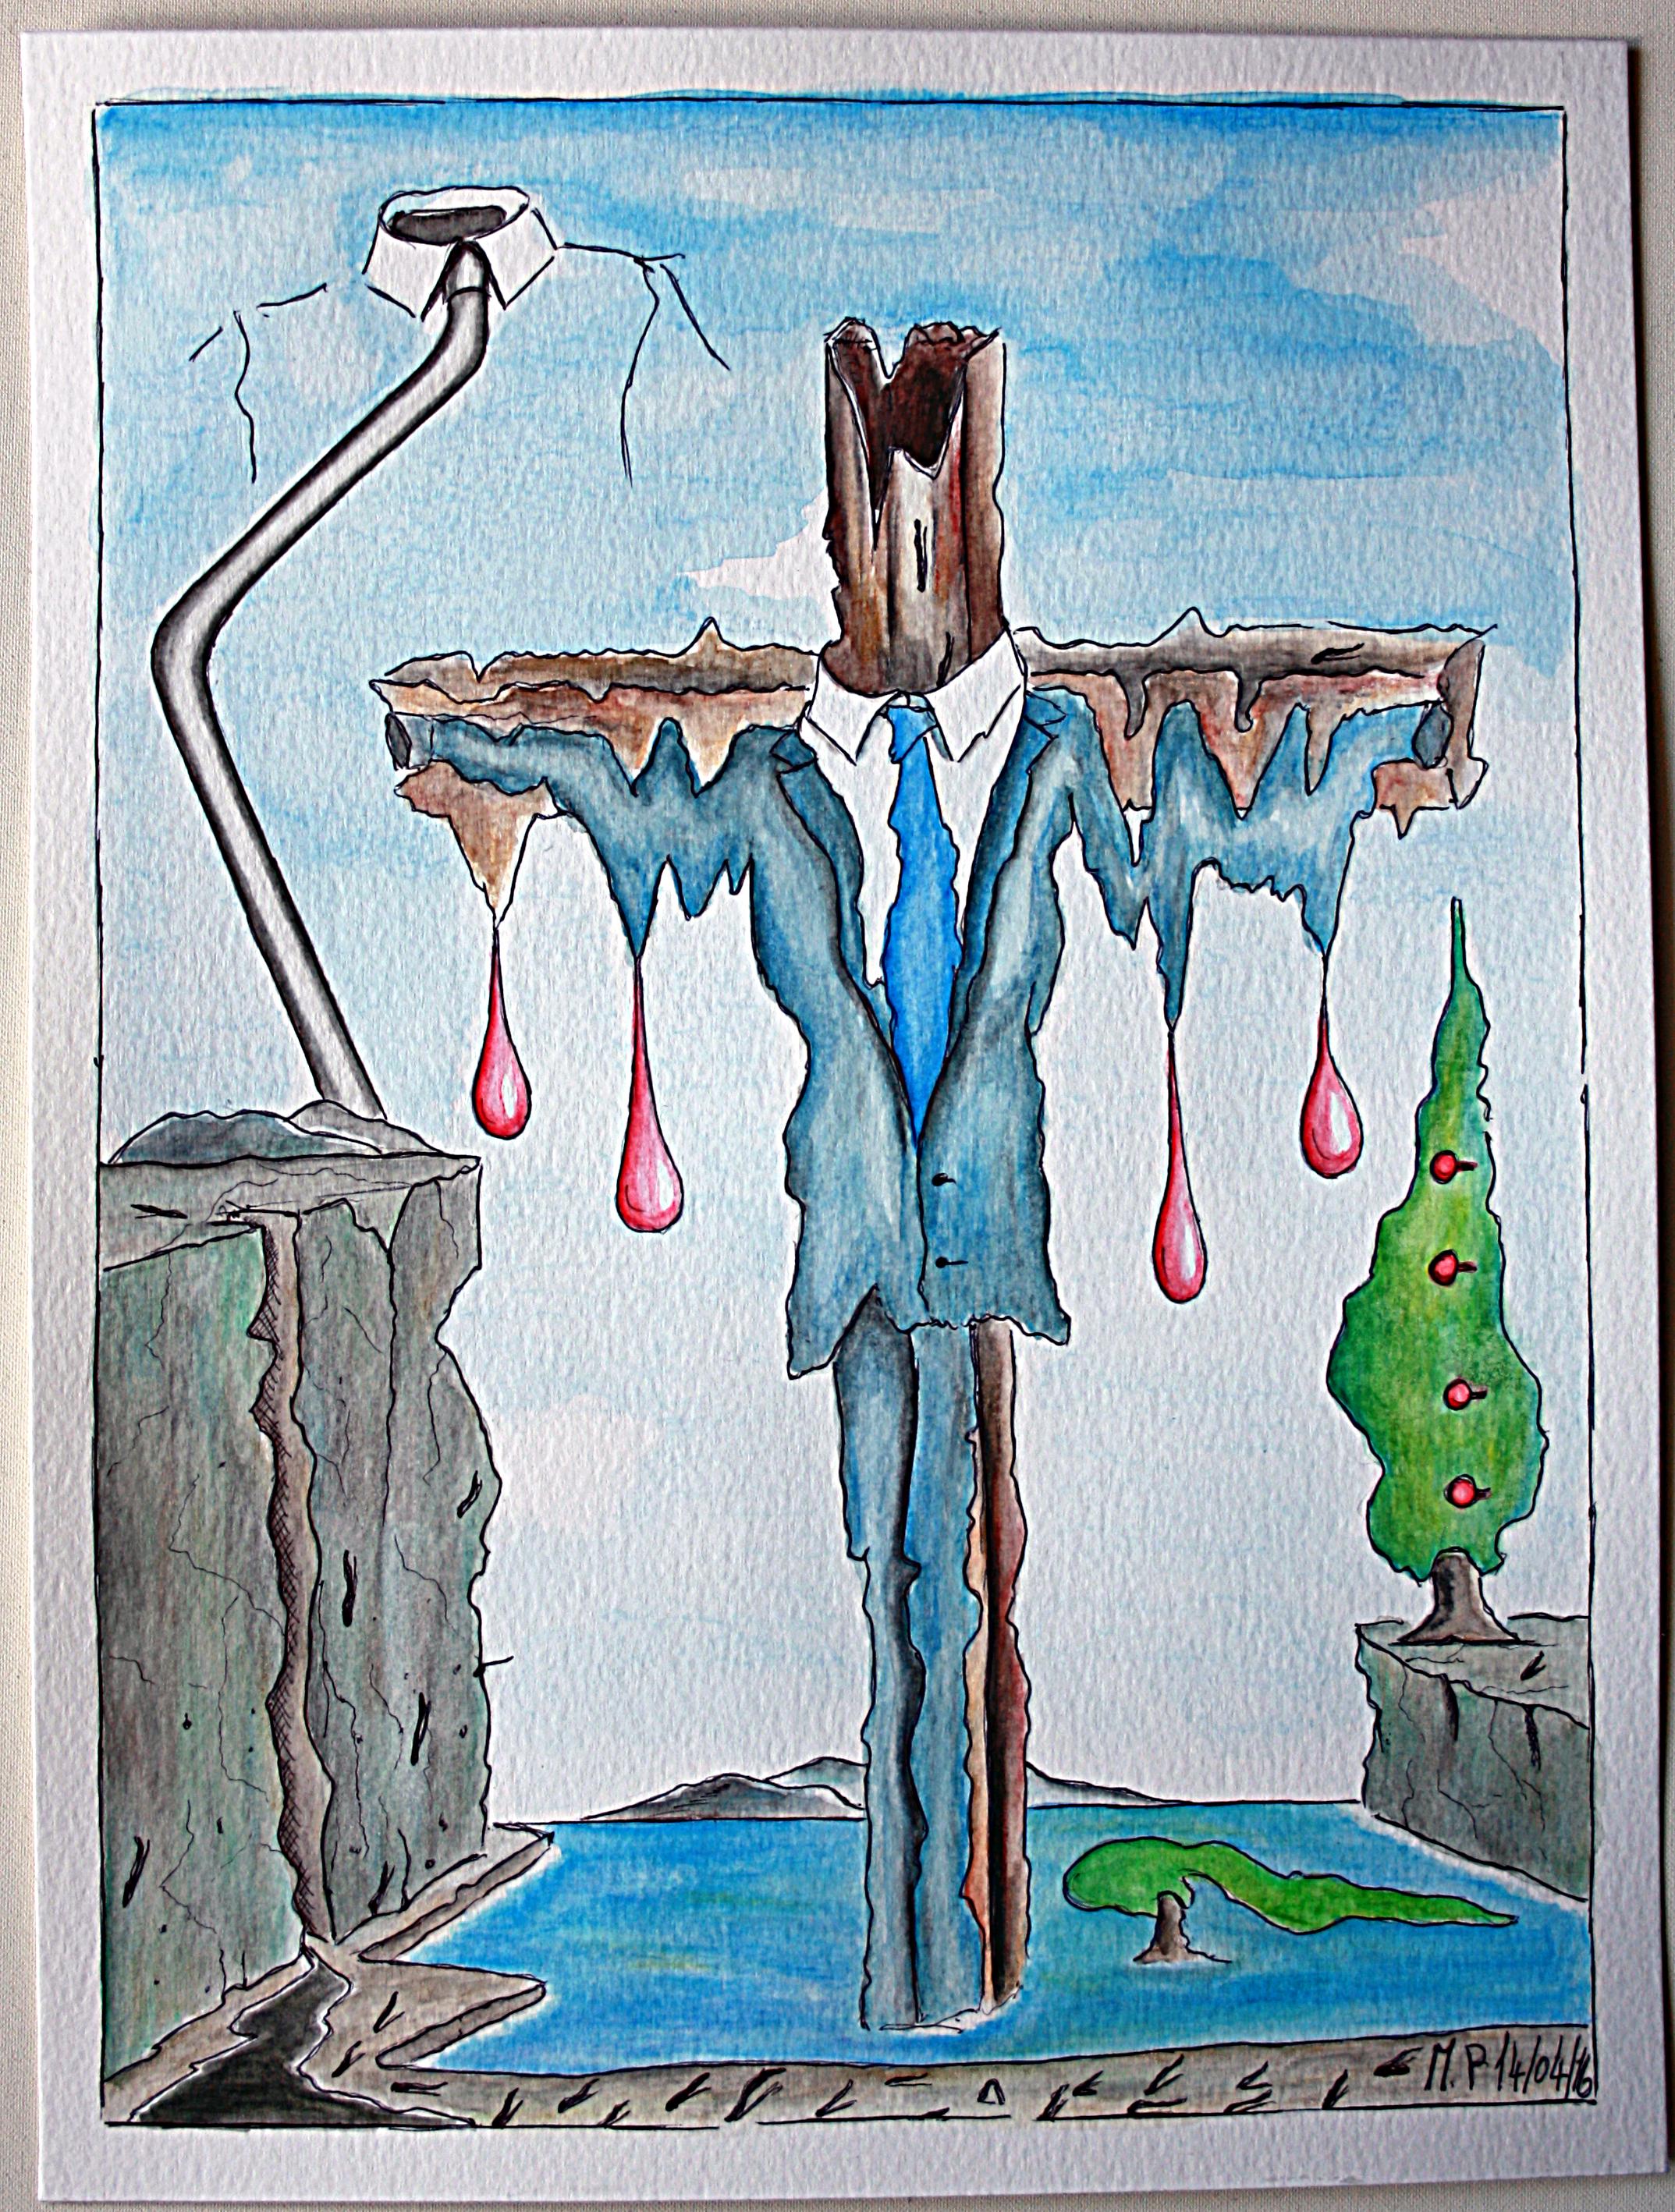 Istogramma di una crocifissione (Histogram of a crucifixion), 14/04/2016 disegno a penna e acquerello (pen drawing and watercolor), cm 24x32, Pasquale Mastrogiacomo, Acerno (SA).